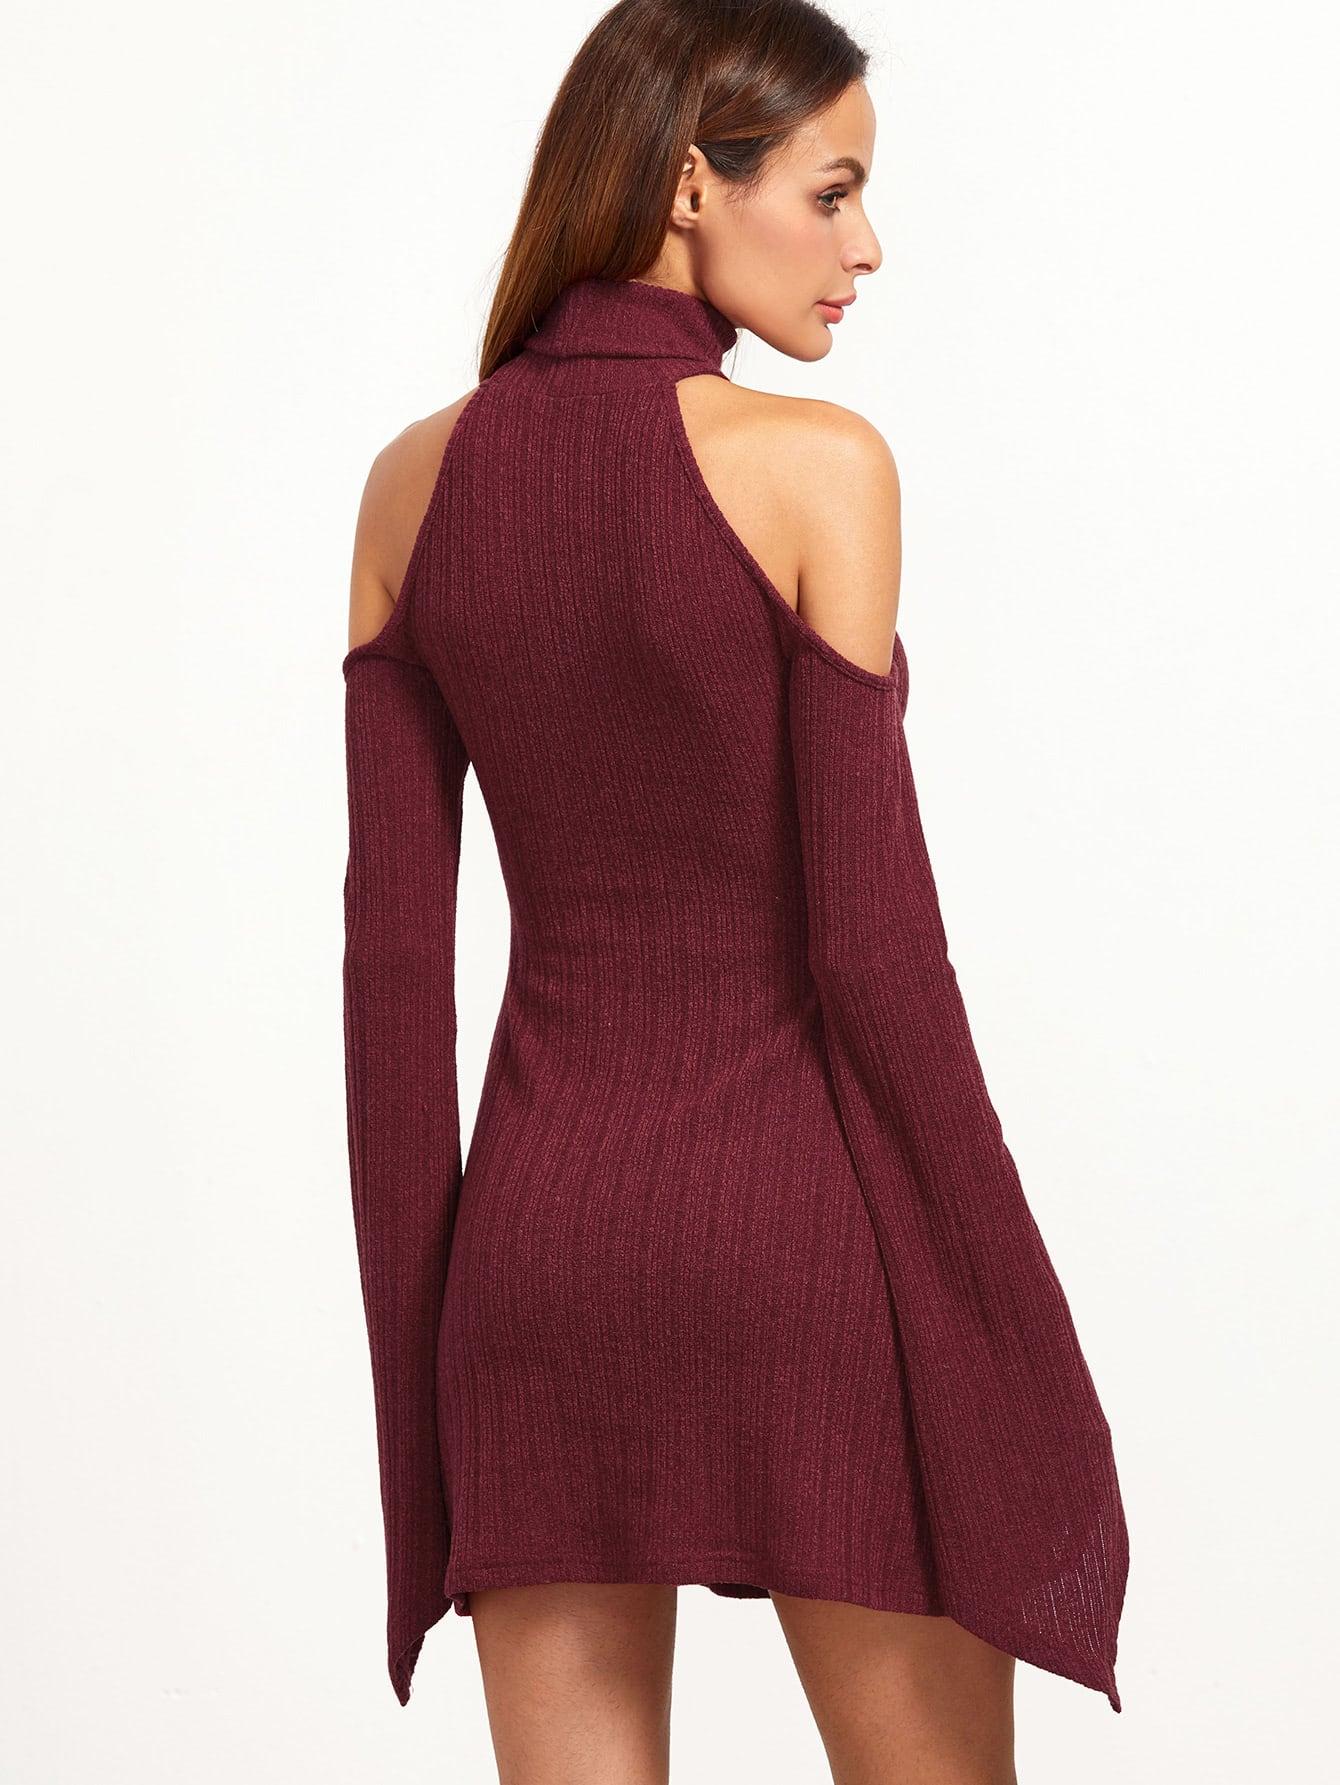 dress161122713_2